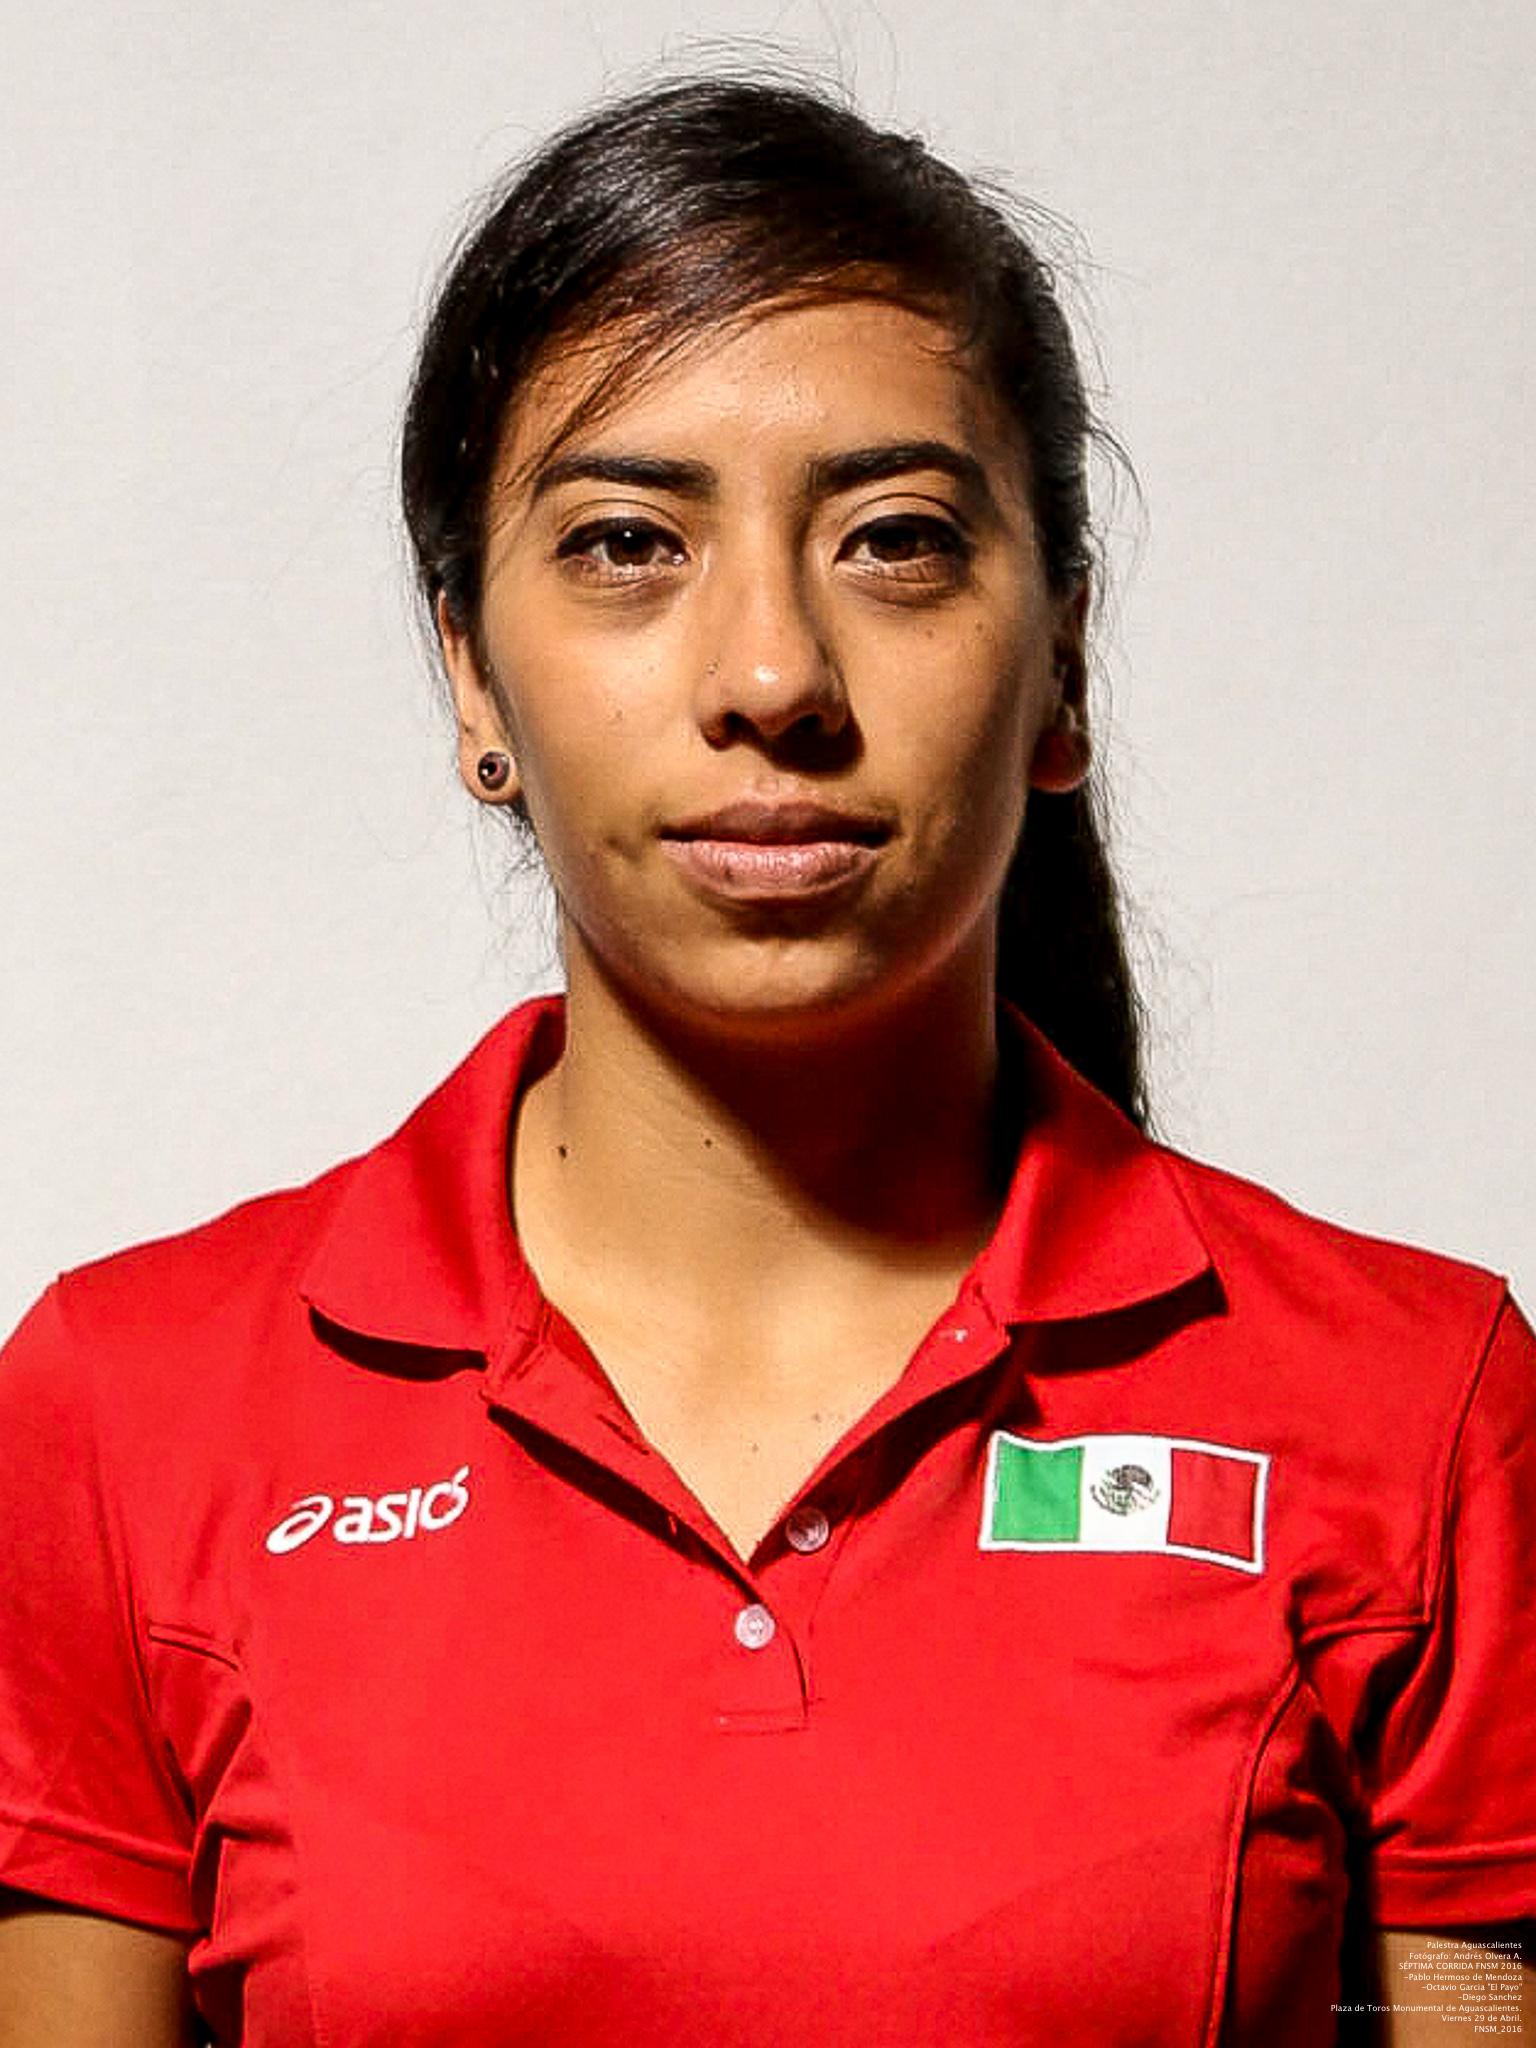 Alejandra Patricia Segura Maldonado